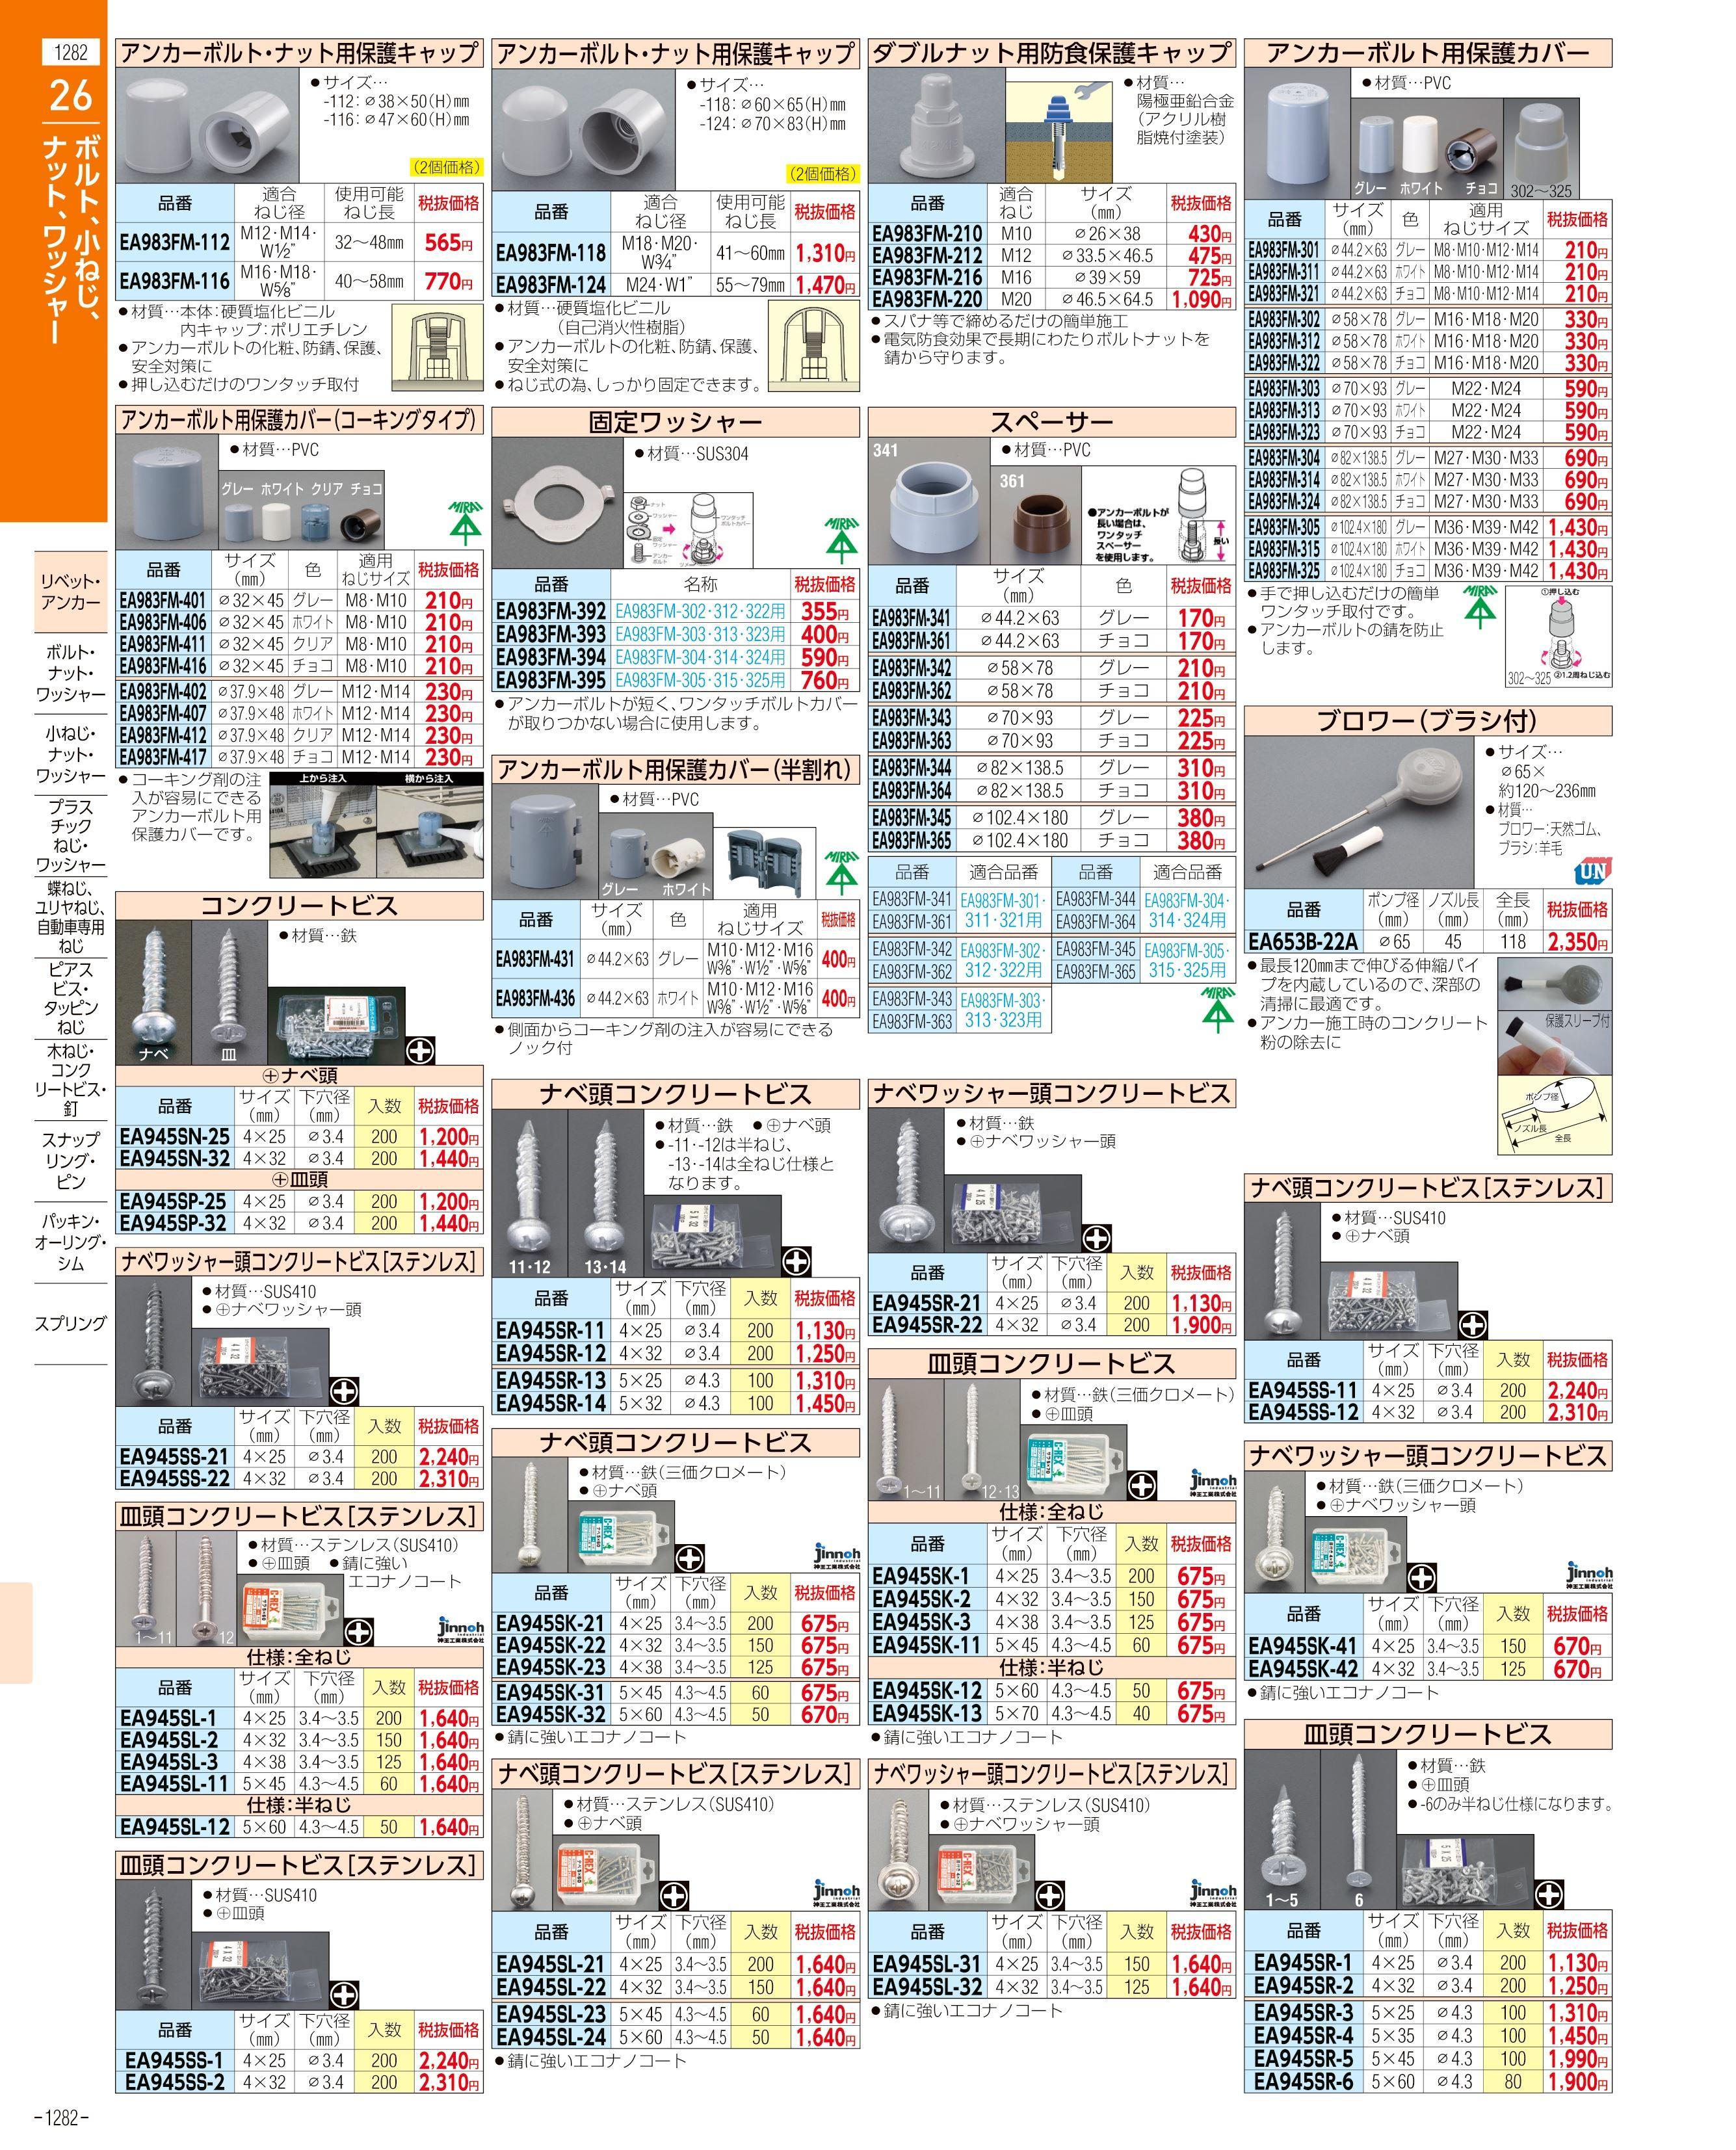 エスコ便利カタログ1282ページ